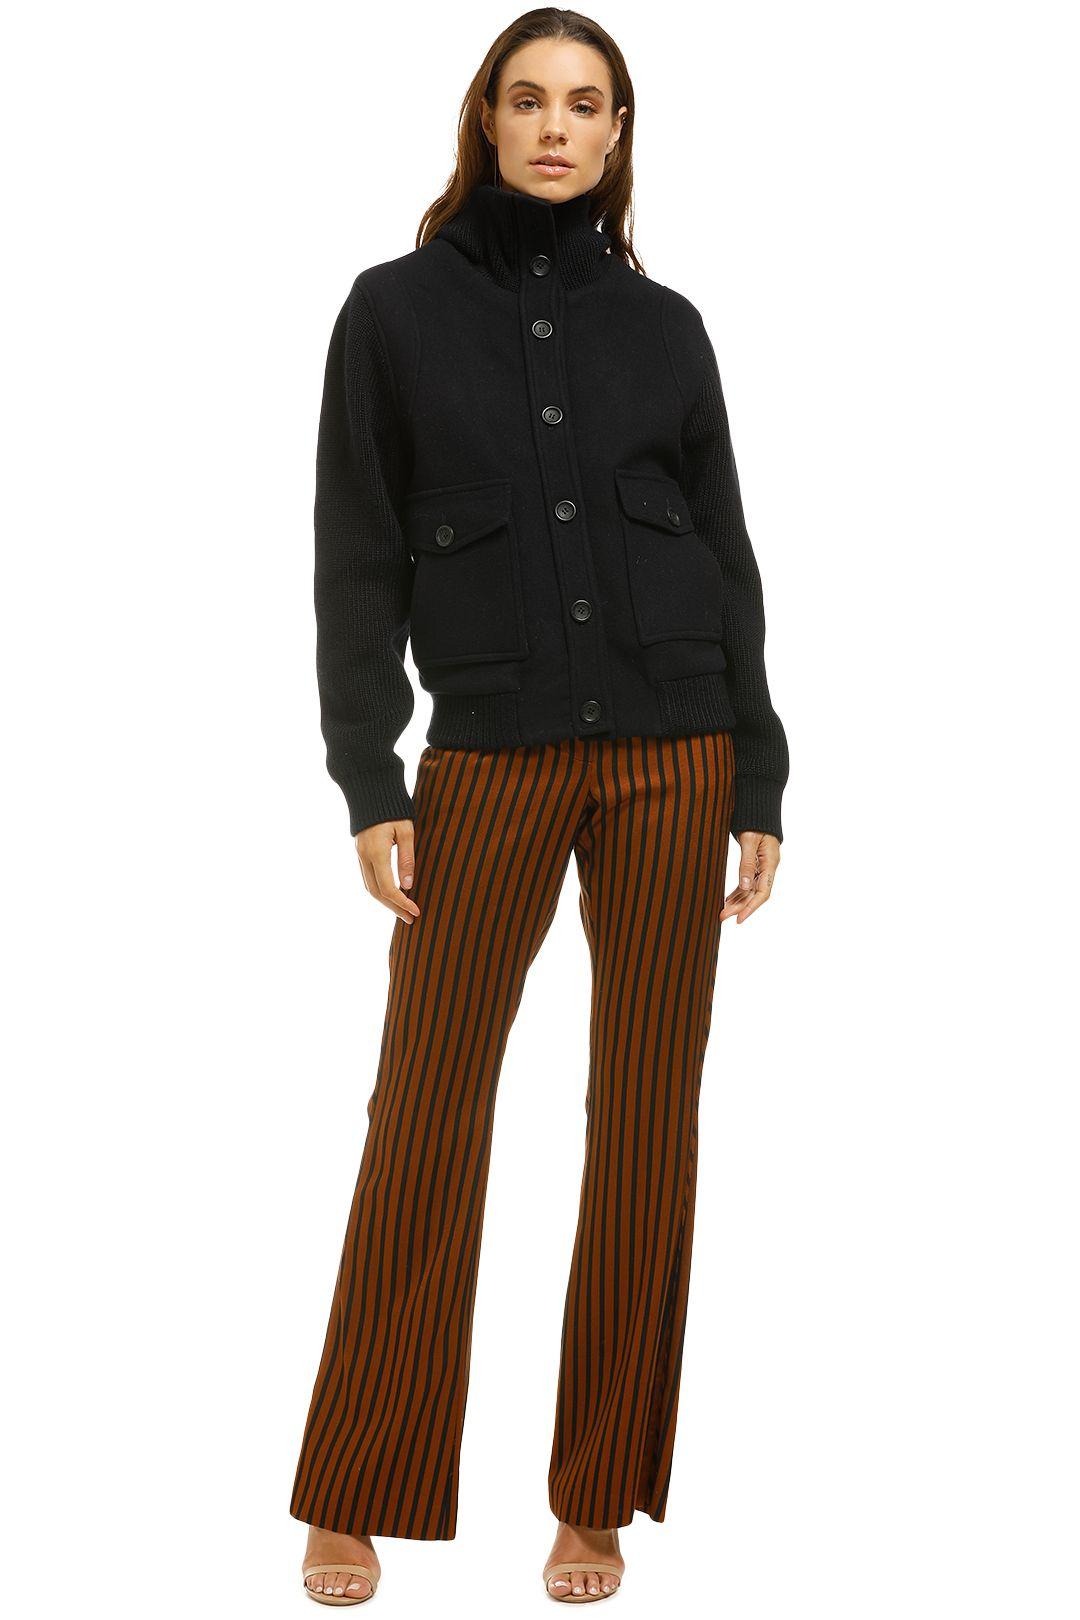 Antik Batik - Corte Ribbed Knit Paneled Wool Blend Jacket-Navy-Front